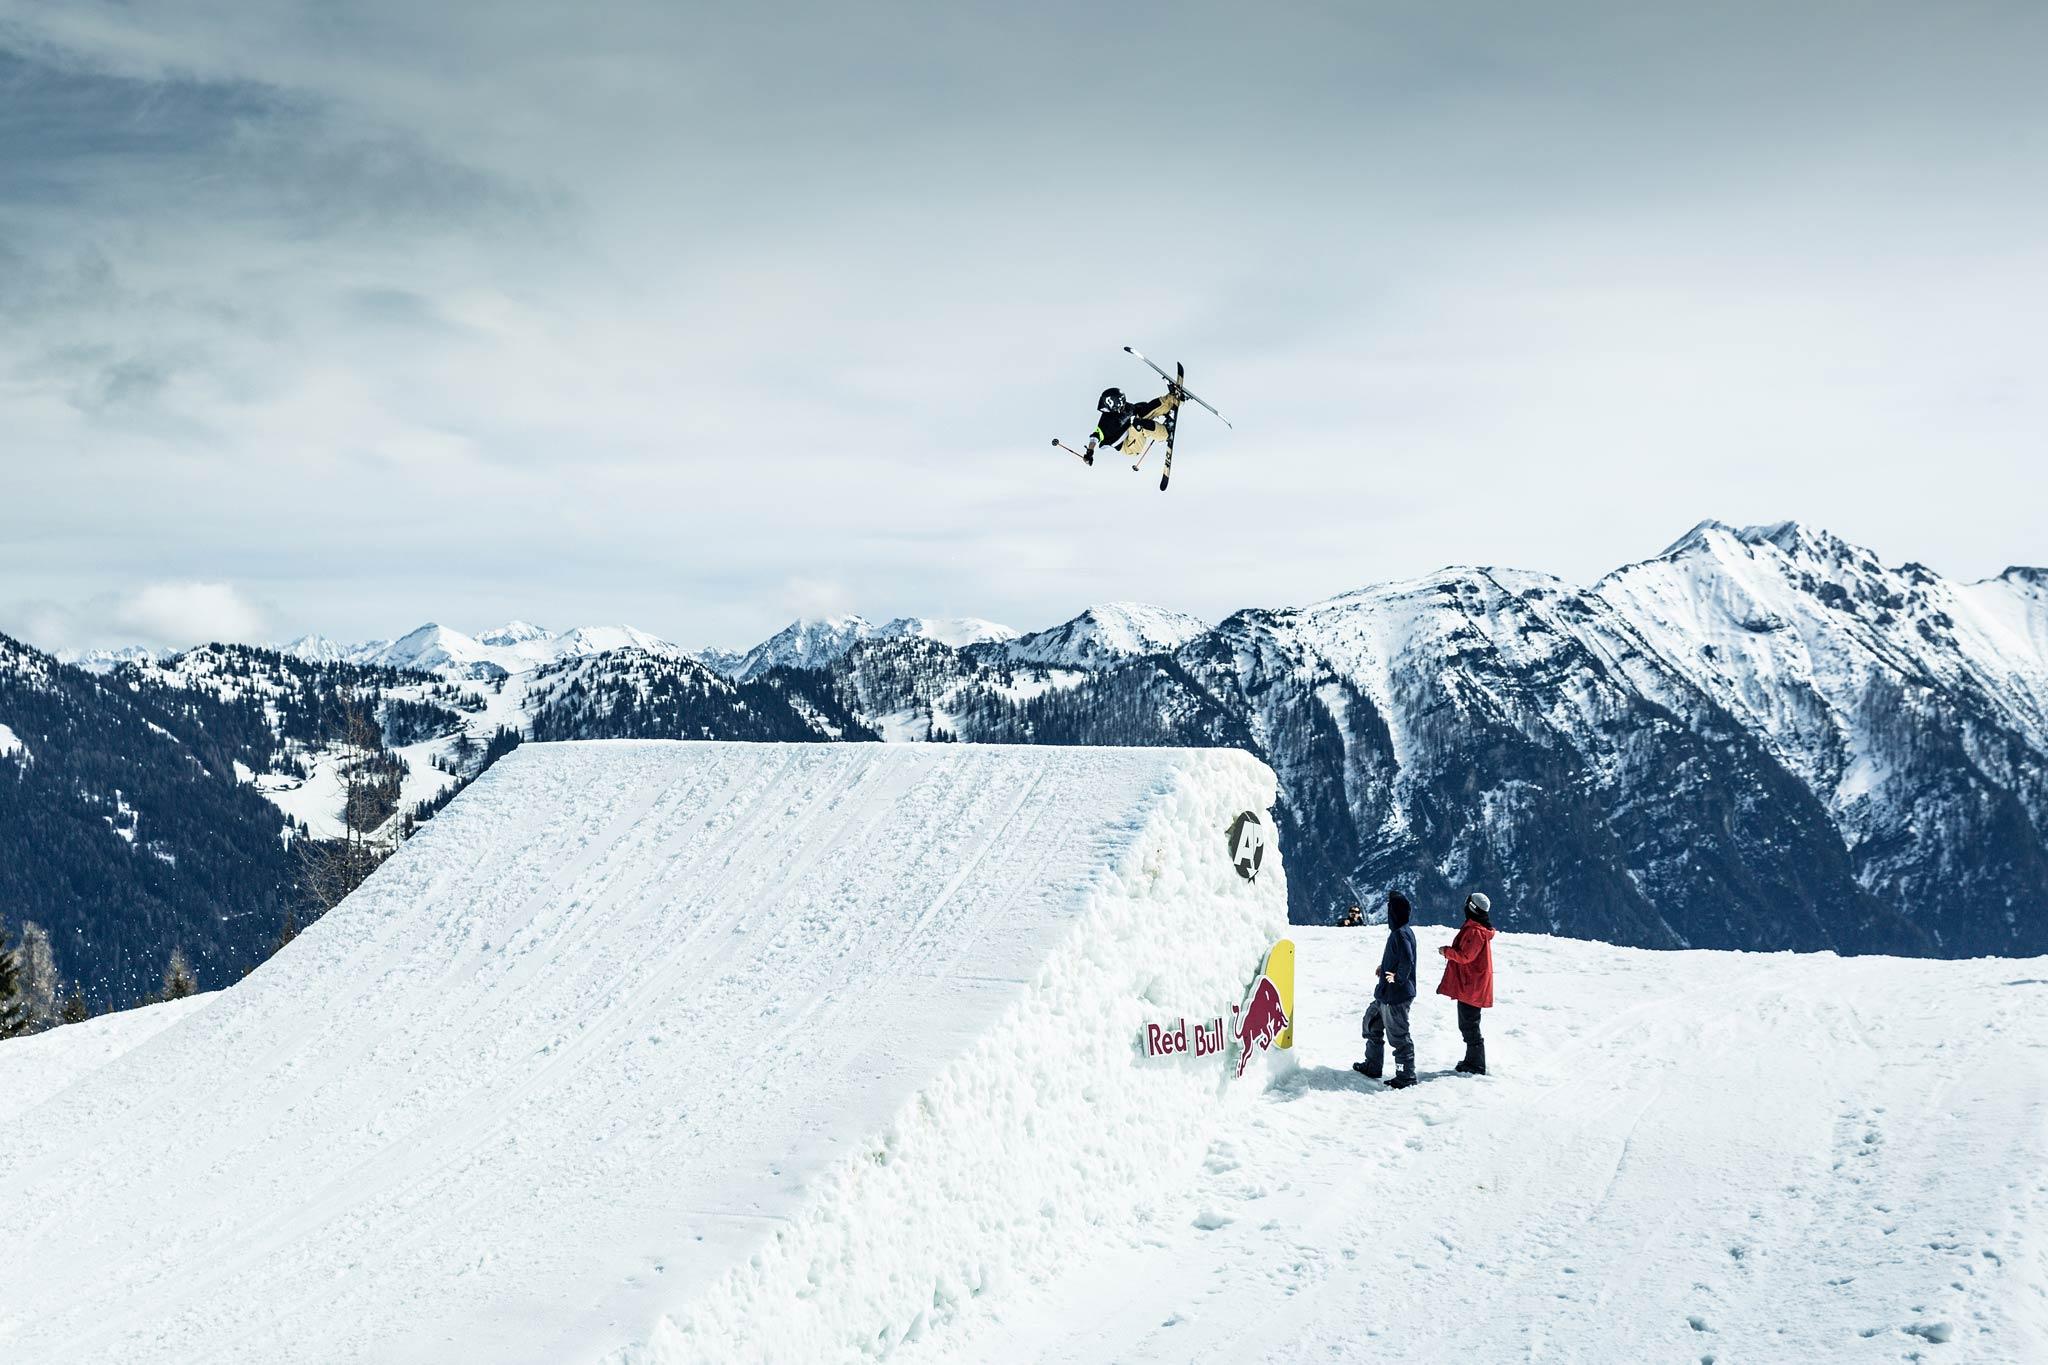 Für die Freeskier steht ein Preisgeld von insgesamt 65.000 Dollar zur Verfügung - Foto: Rohrbacher / Absolut Park